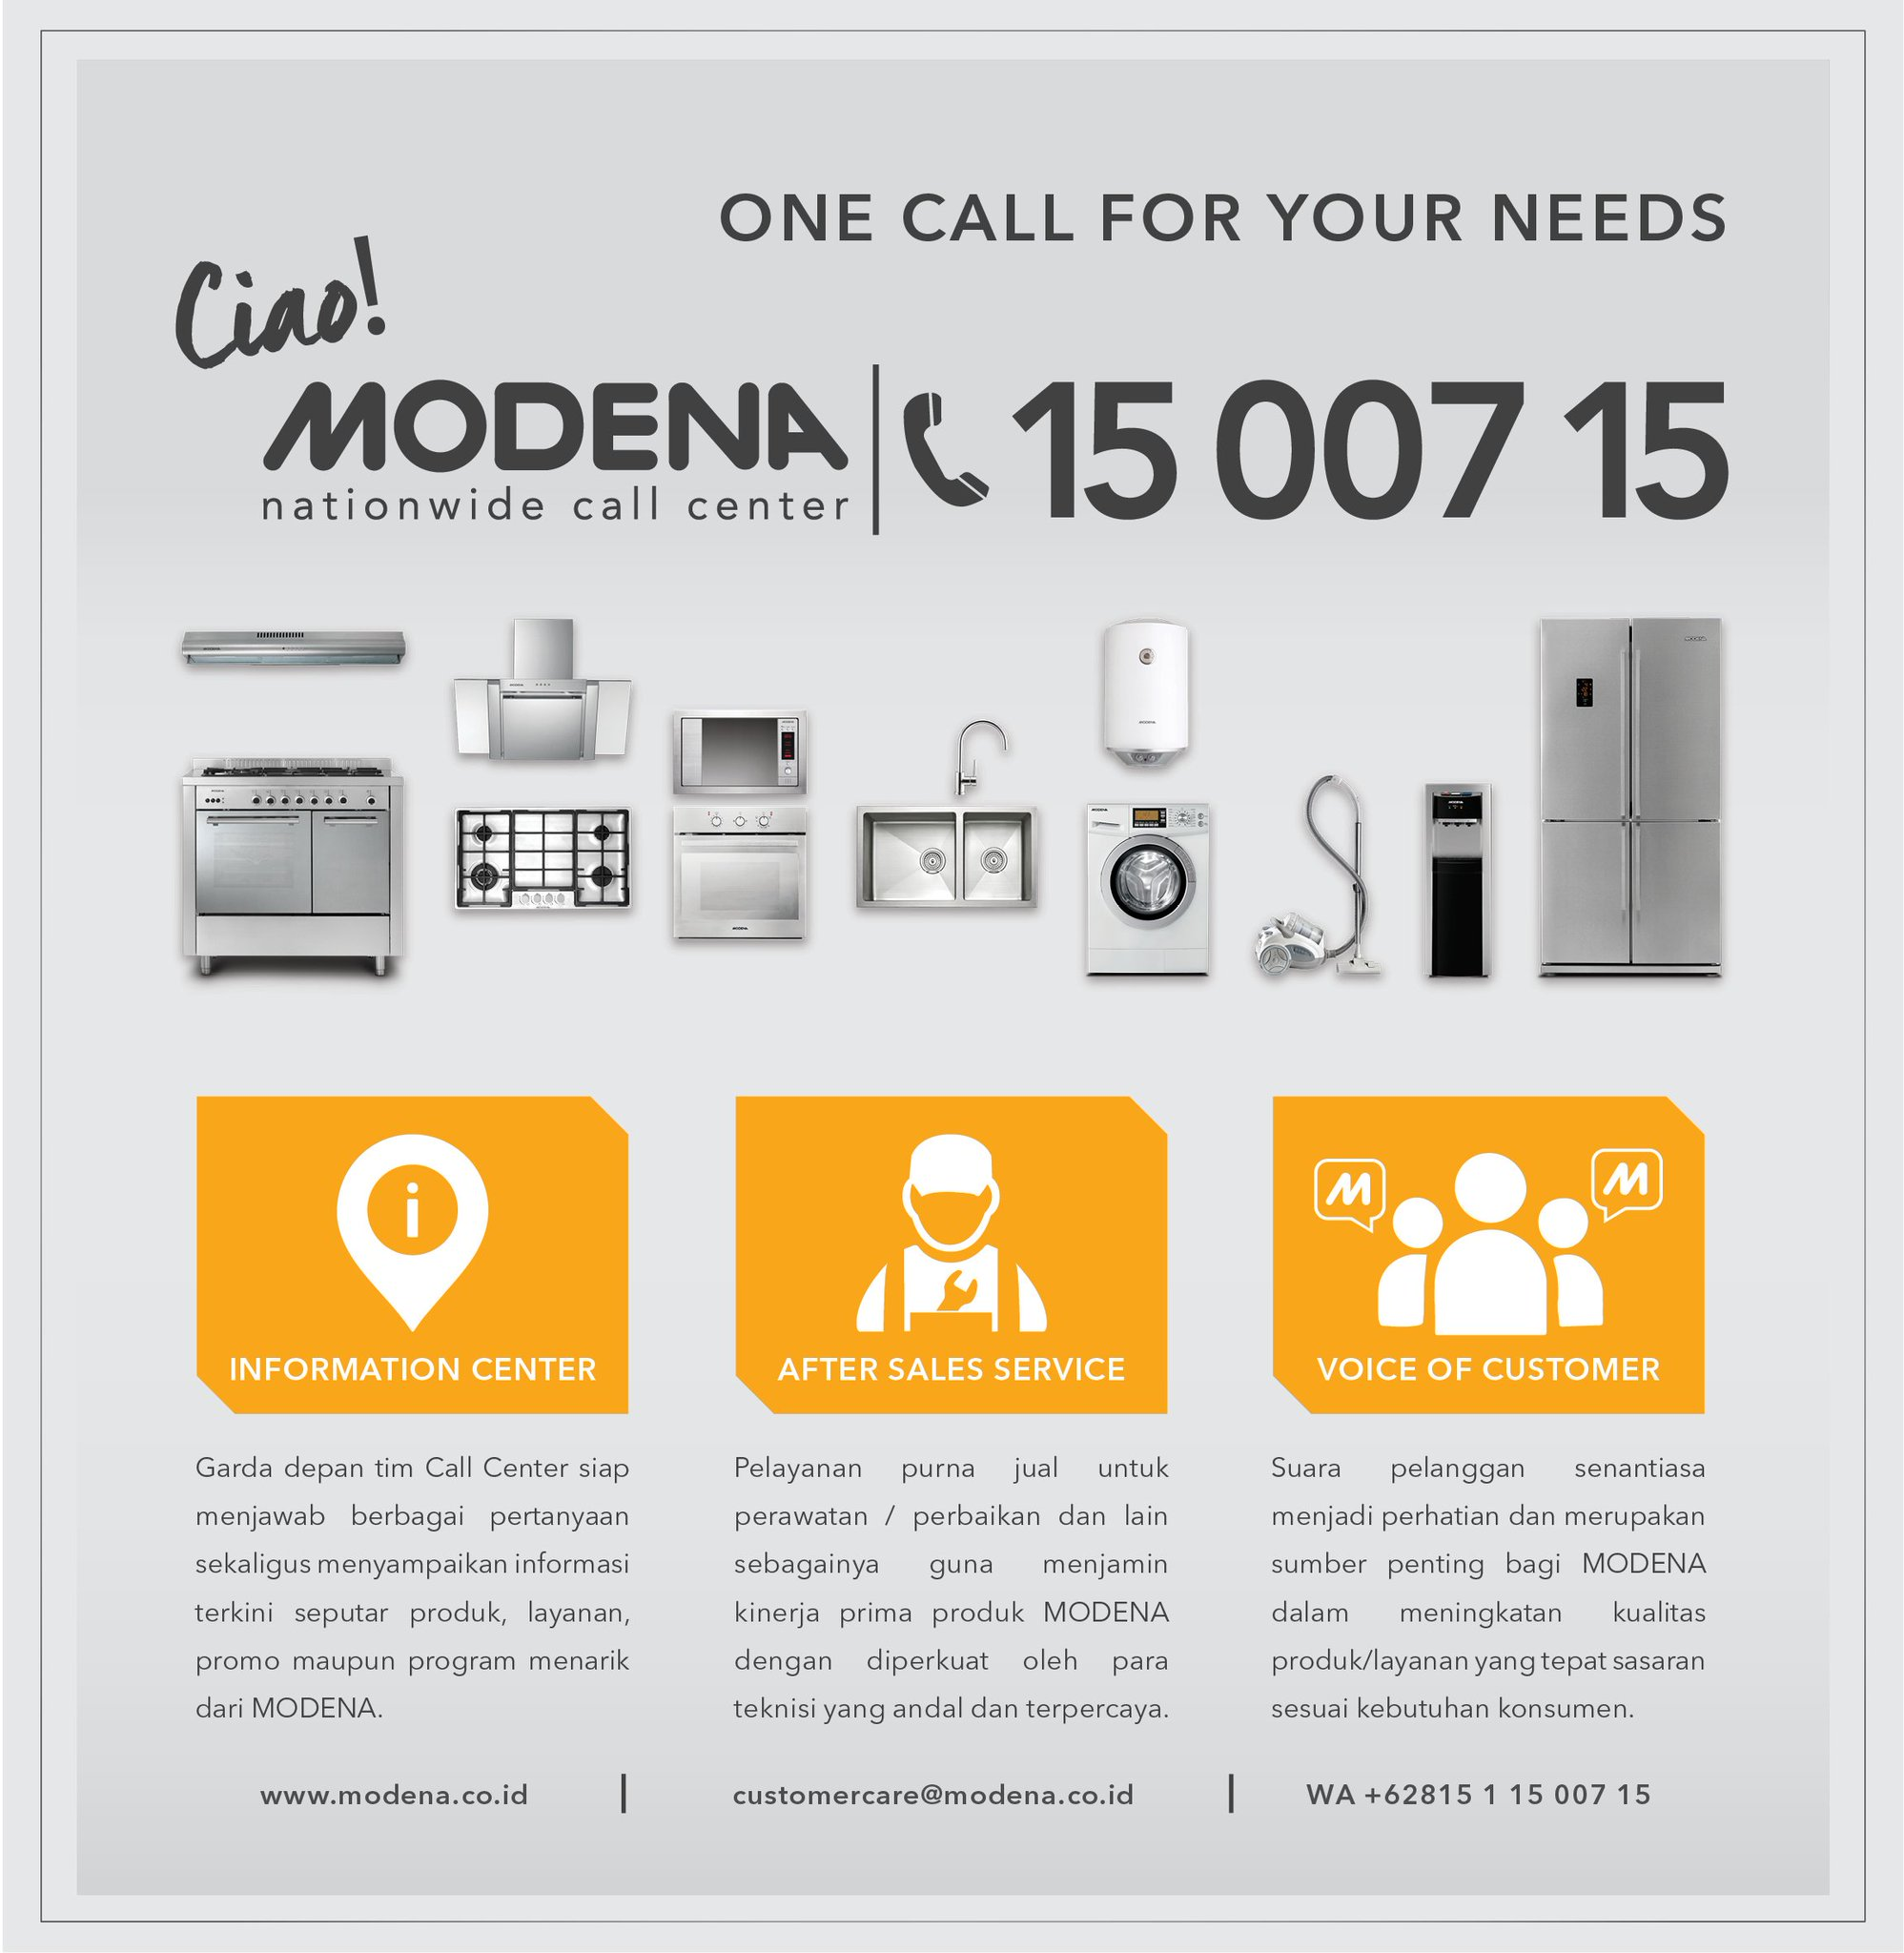 Modena Indonesia No Twitter Akhir Minggu Tepat Untuk Pengecekan Produk Modena Di Rumah Yuk Hubungi Call Center Modena 15 007 15 Untuk Penjadwalan Kunjungan Teknisi Https T Co Dsisdjuqjr